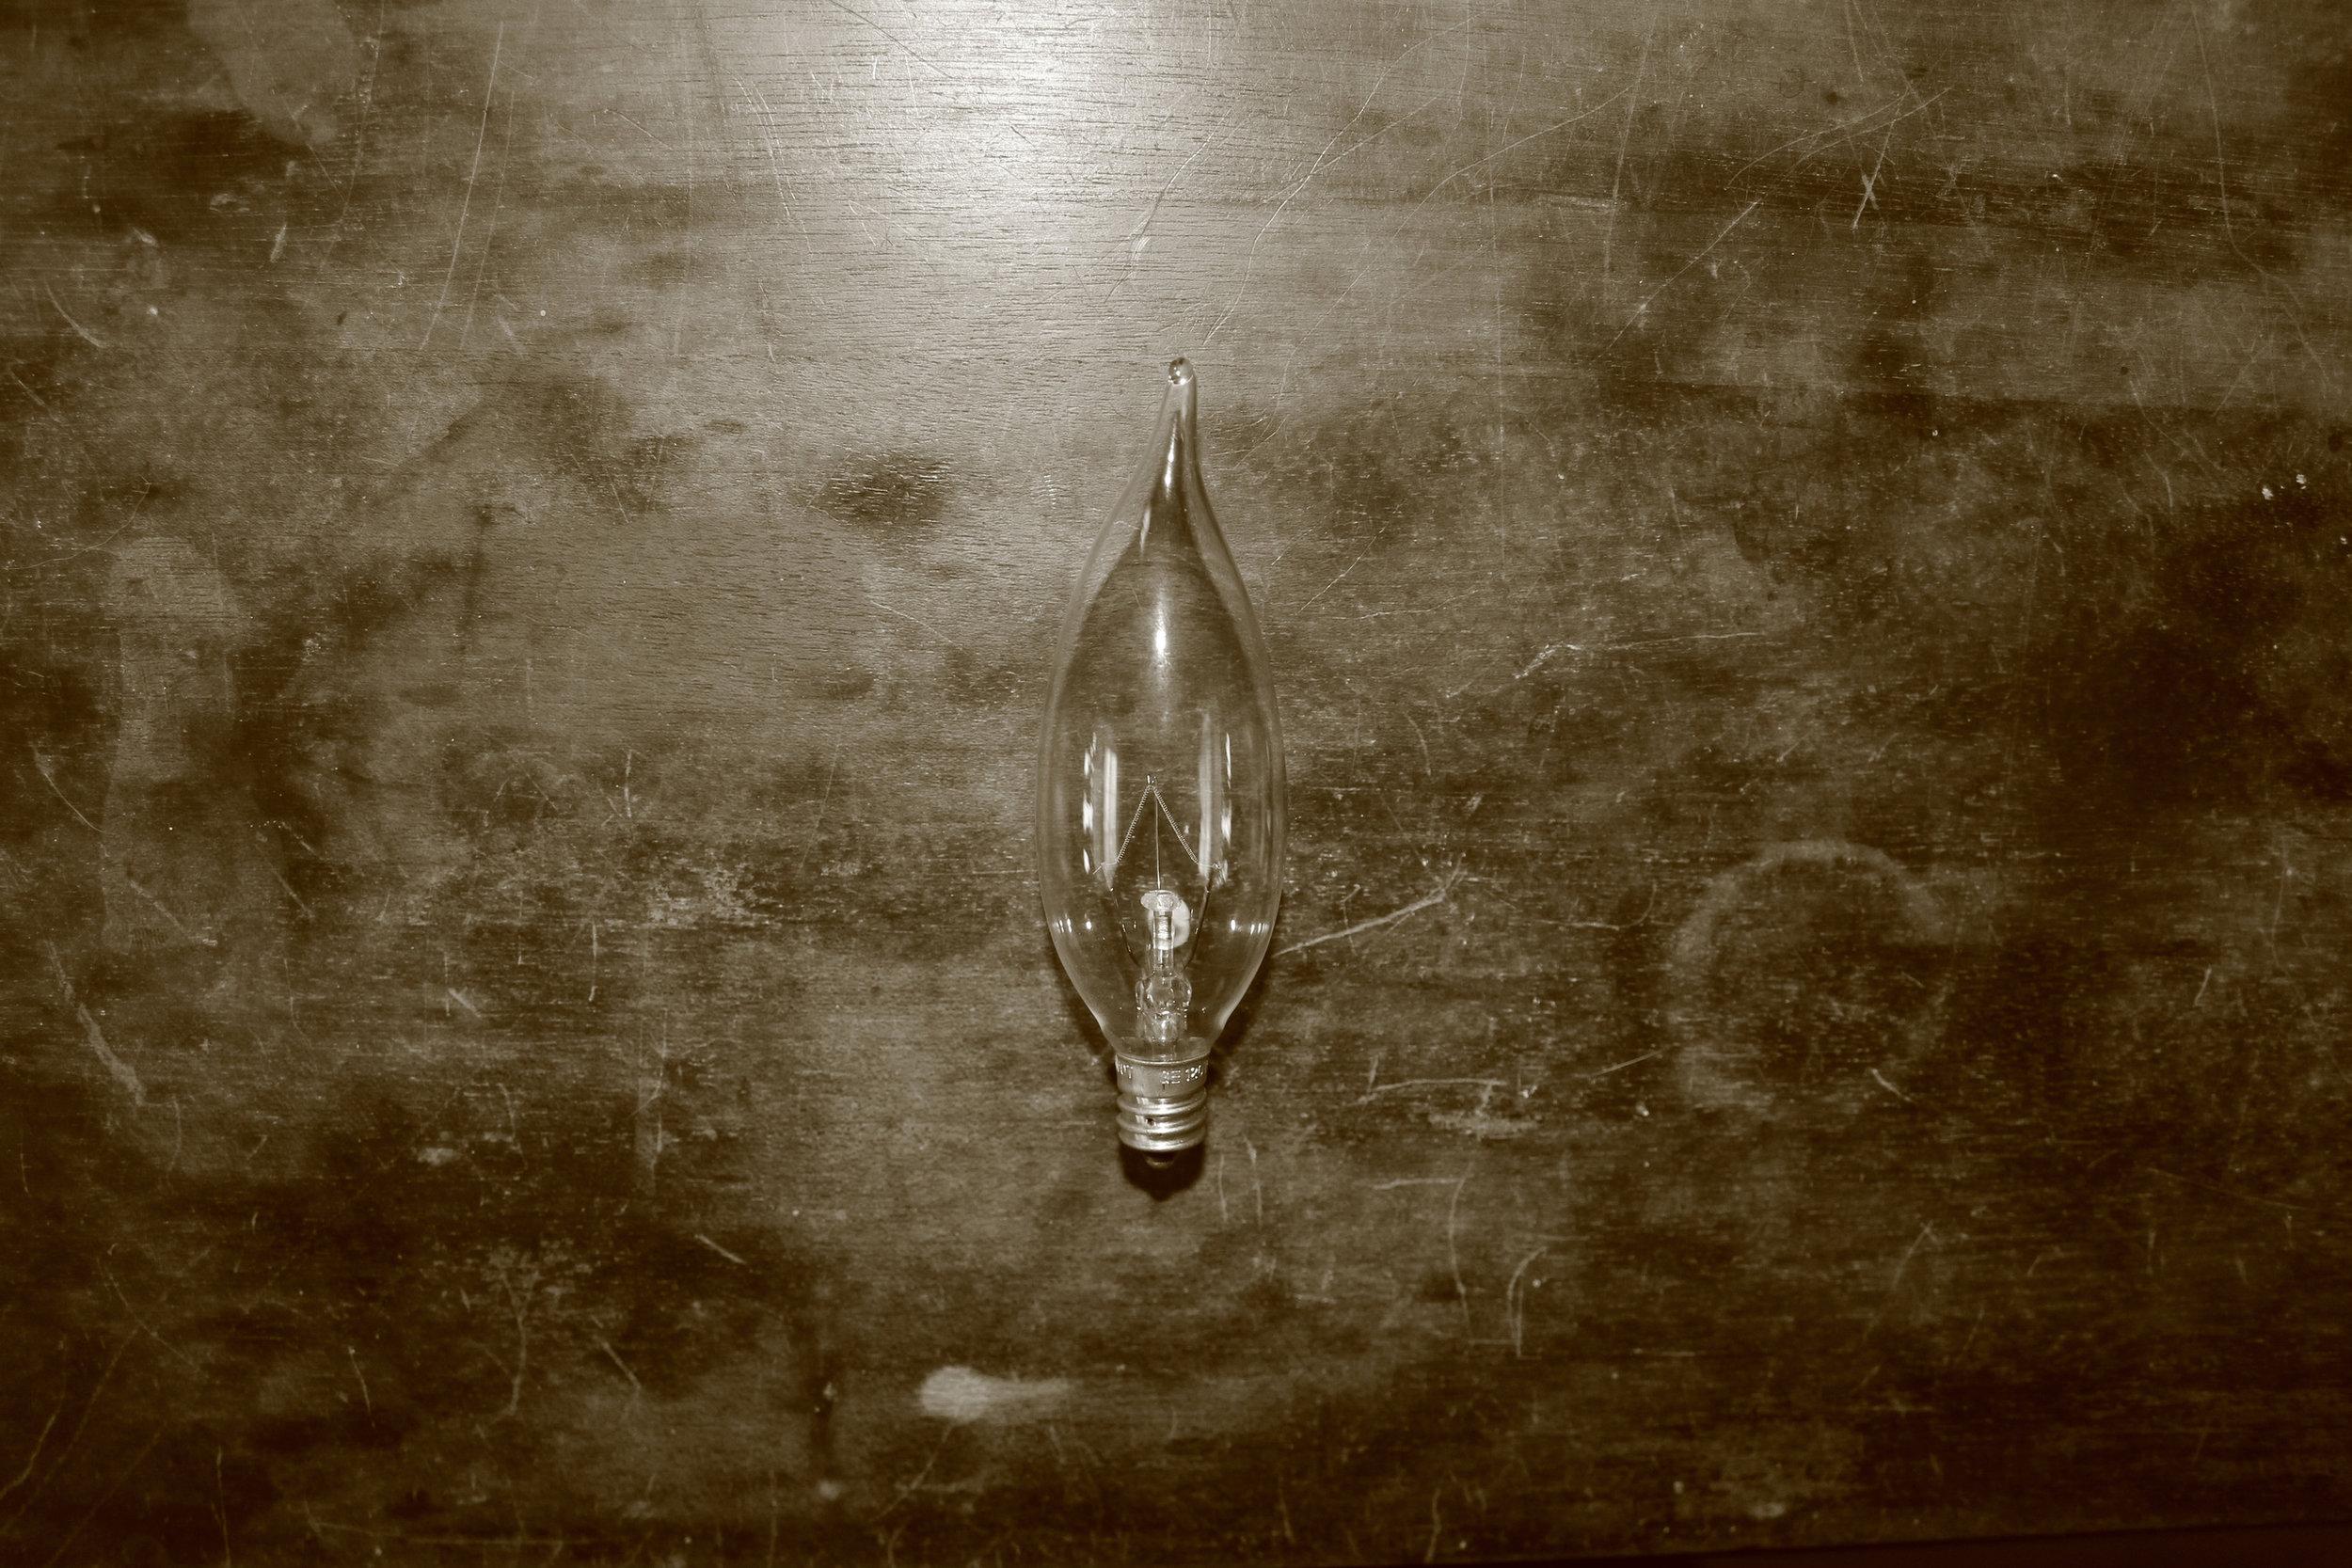 Chandelier Lightbulb